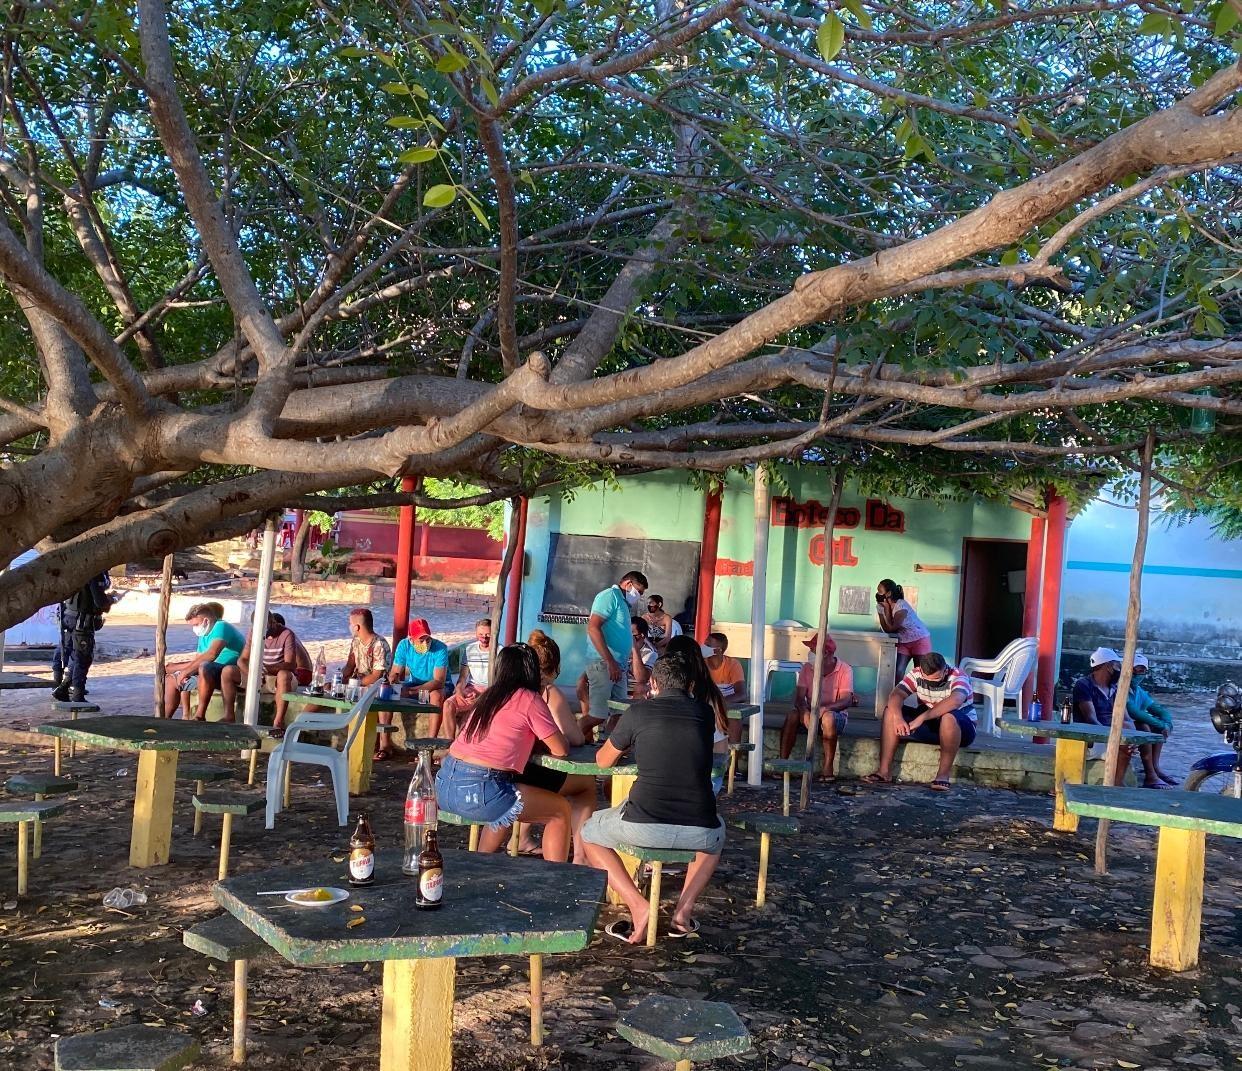 PM encerra festa clandestina com 20 pessoas em bar às margens de açude, no interior do Ceará